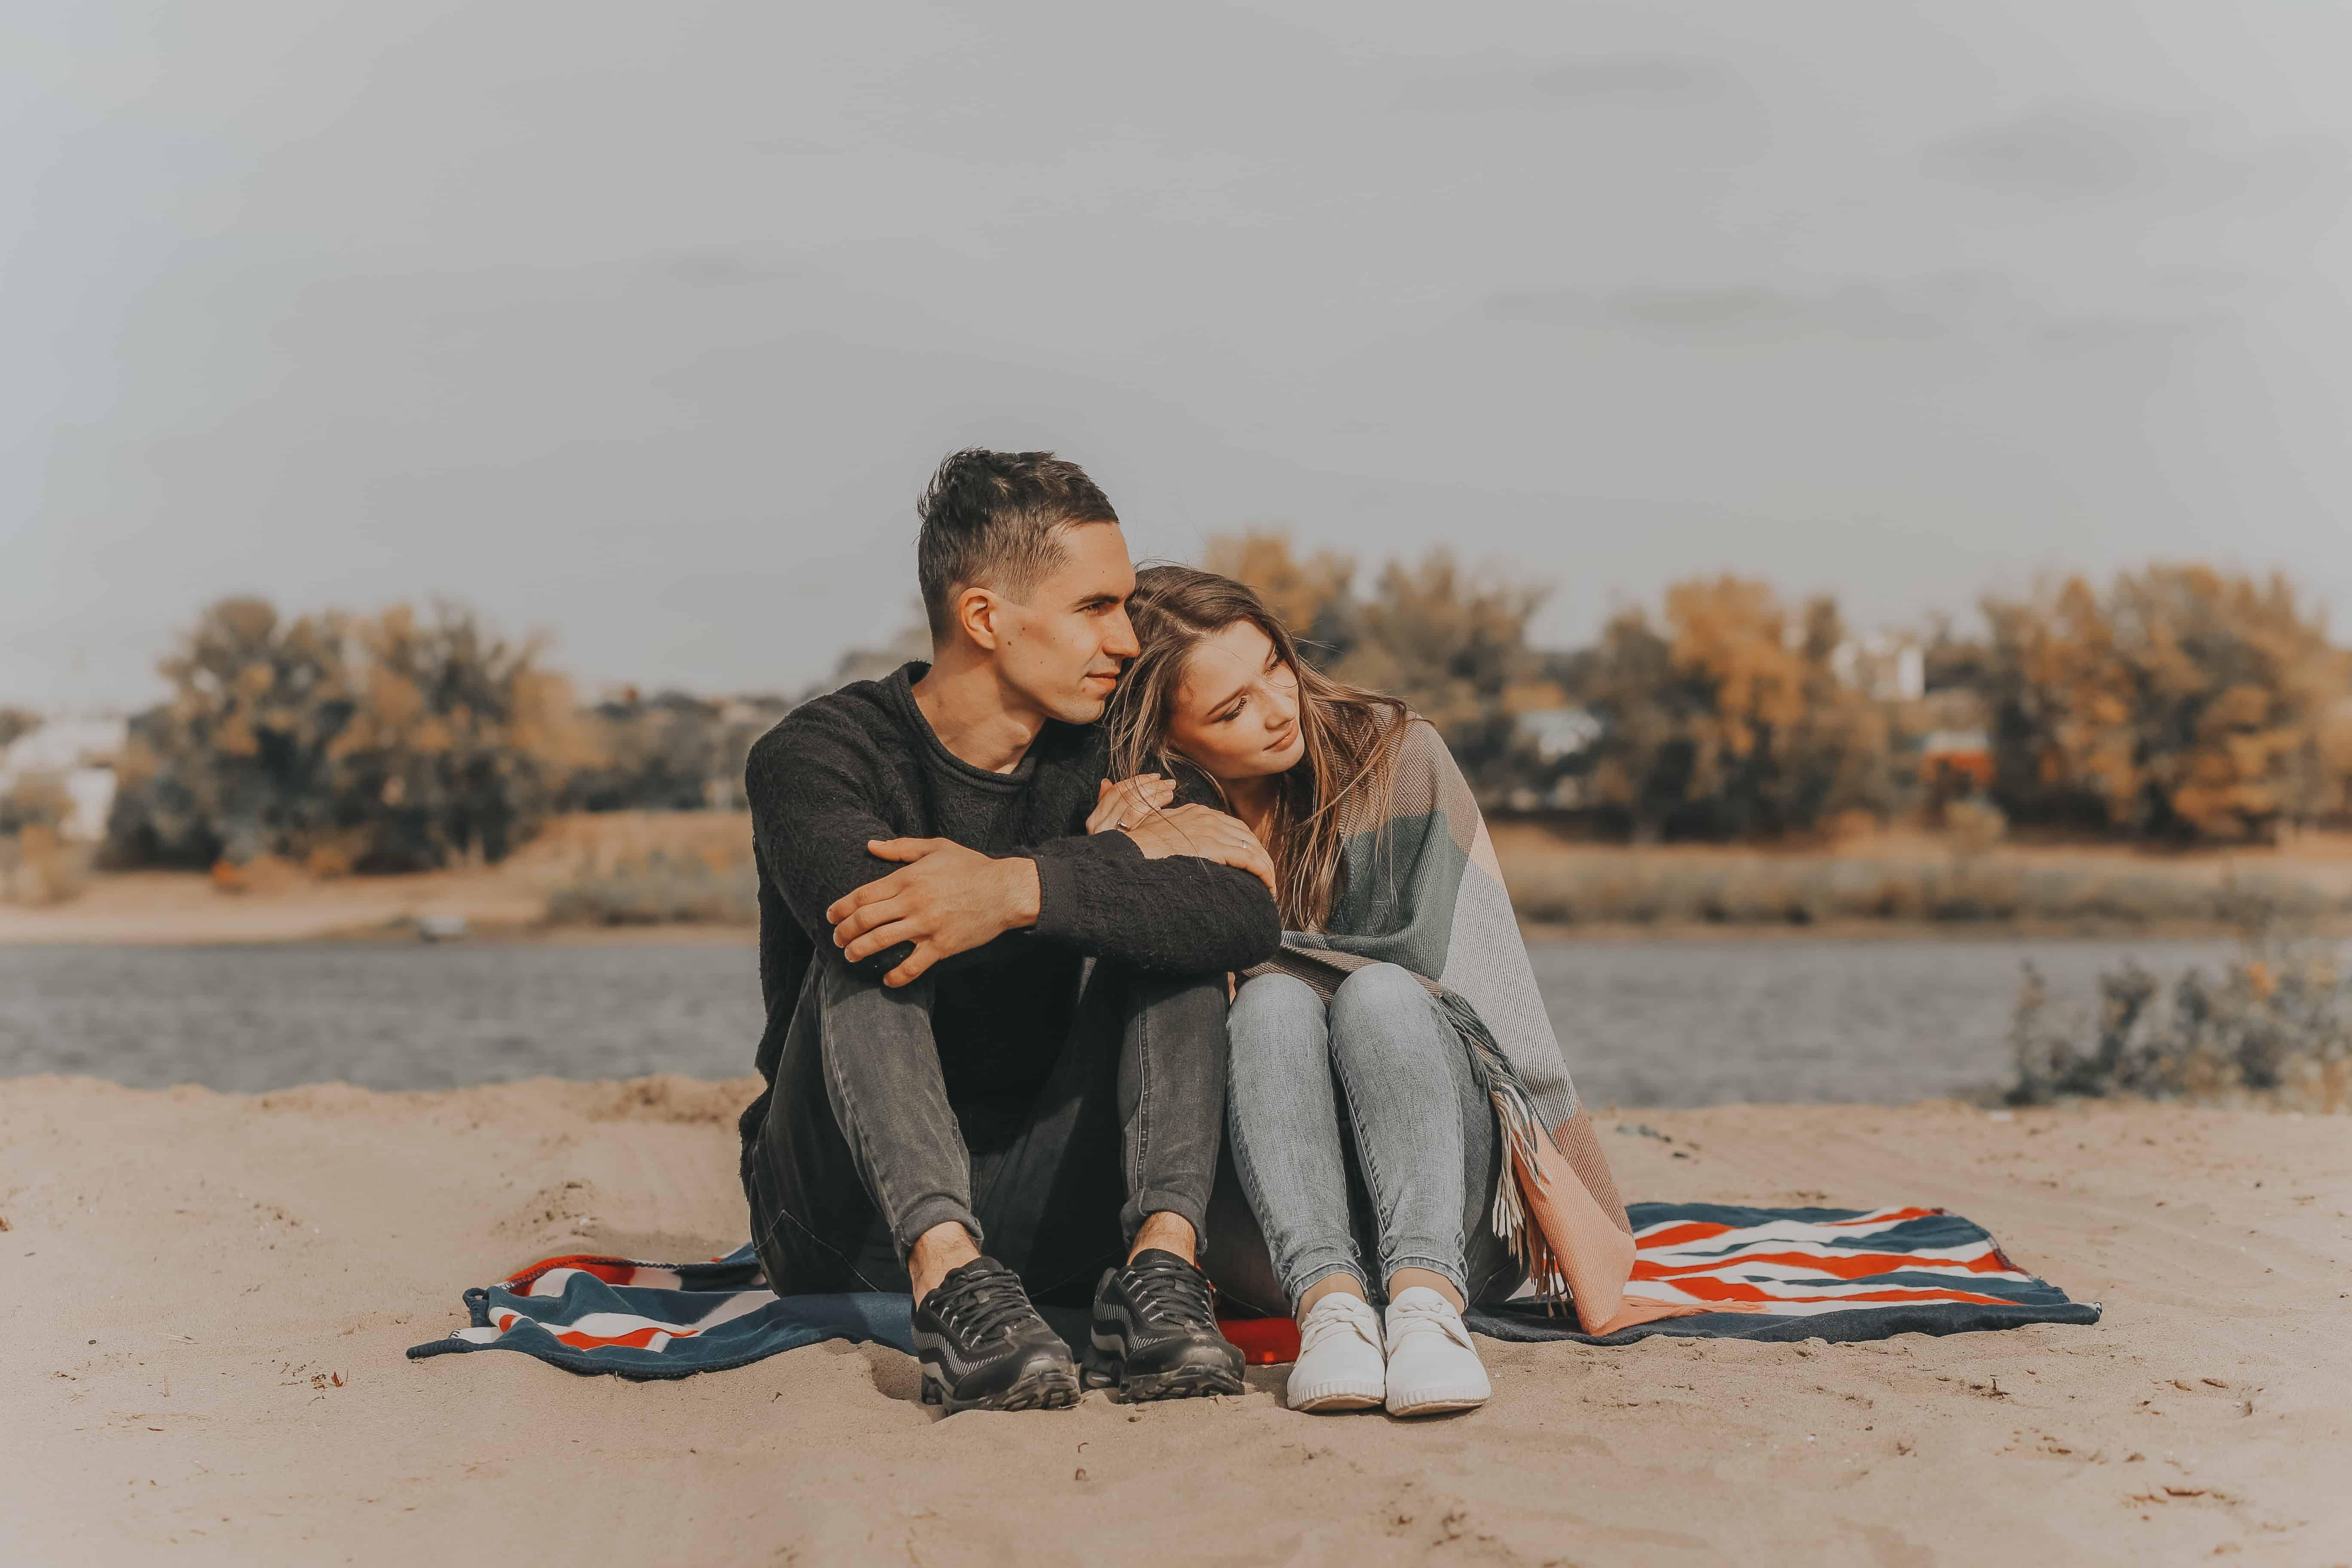 ein liebendes Paar sitzt auf der Decke am Strand